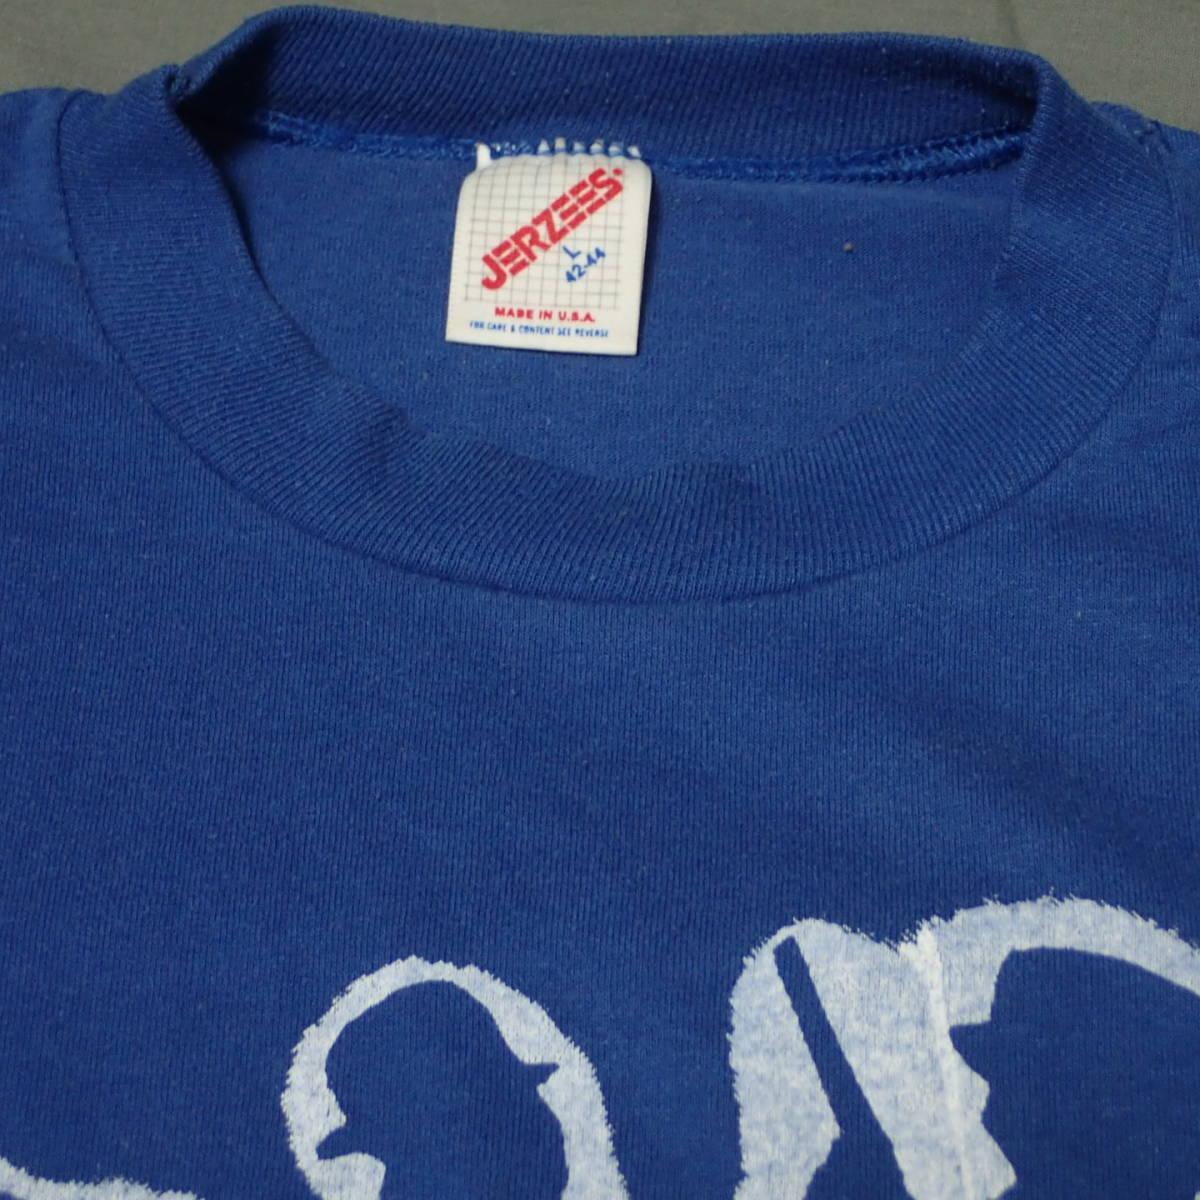 ■ 90s CLOCKWORK ORANGE Vintage T-shirt ■ 時計じかけのオレンジ ヴィンテージ Tシャツ 当時物 本物 映画 ムービー_画像5